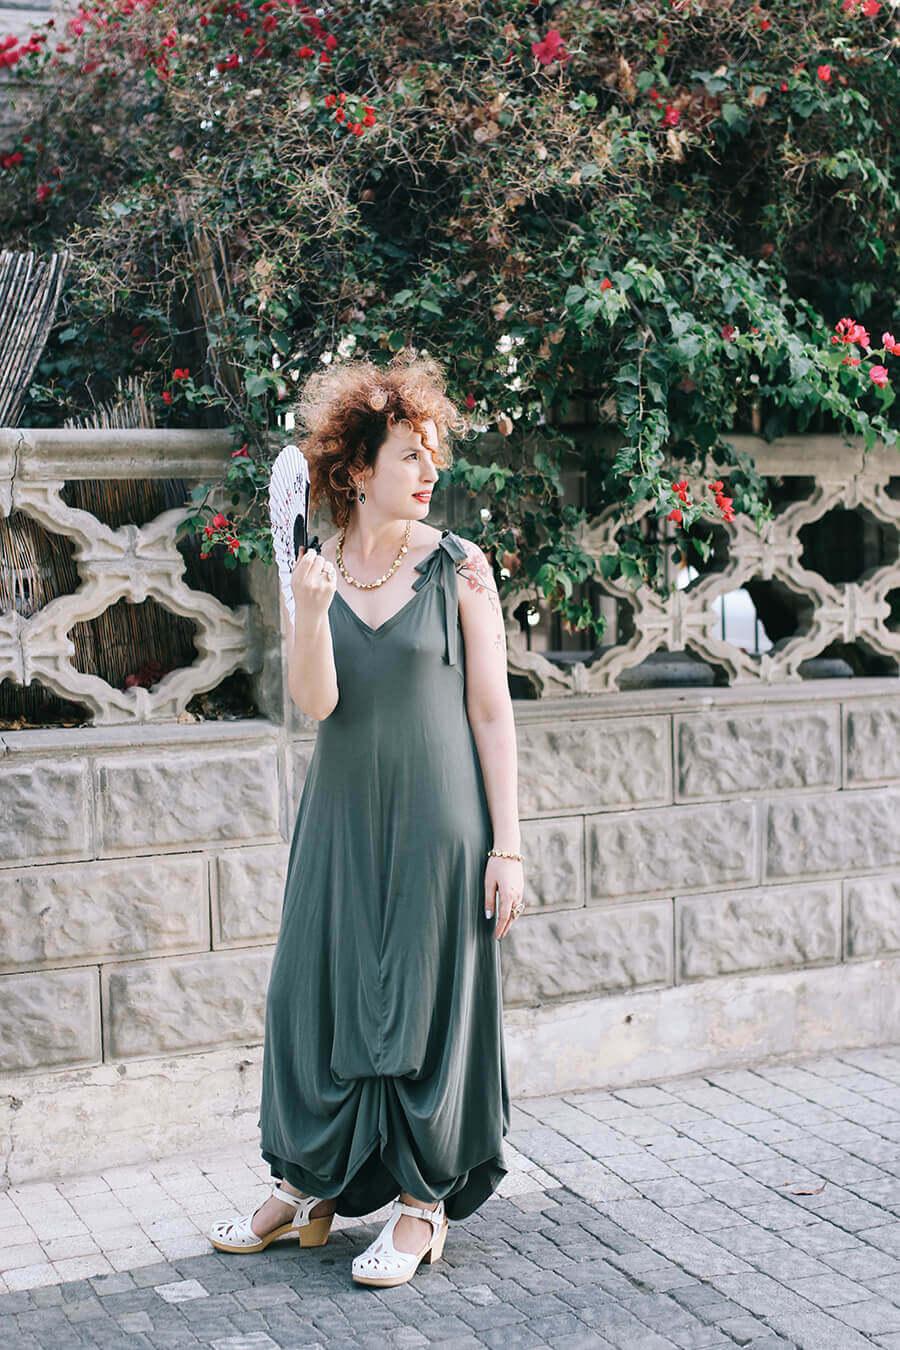 שמלת מקסי בצבע ירוק בקבוק